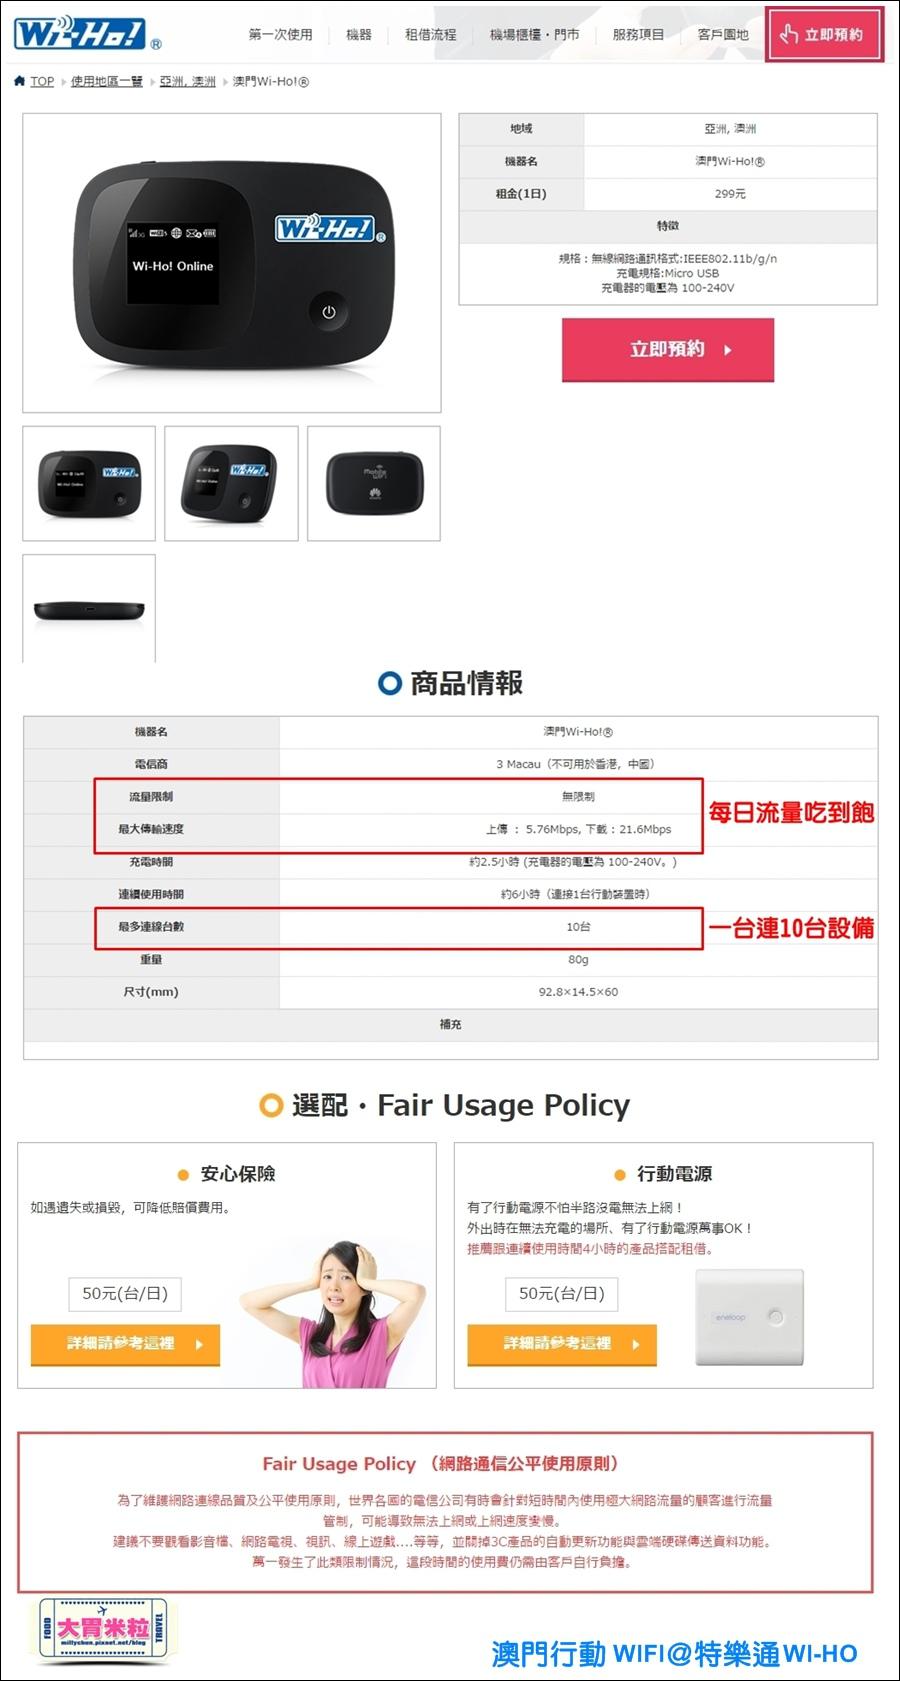 MACAU WIFI 推薦-特樂通WIHO澳門機-millychun0052.jpg